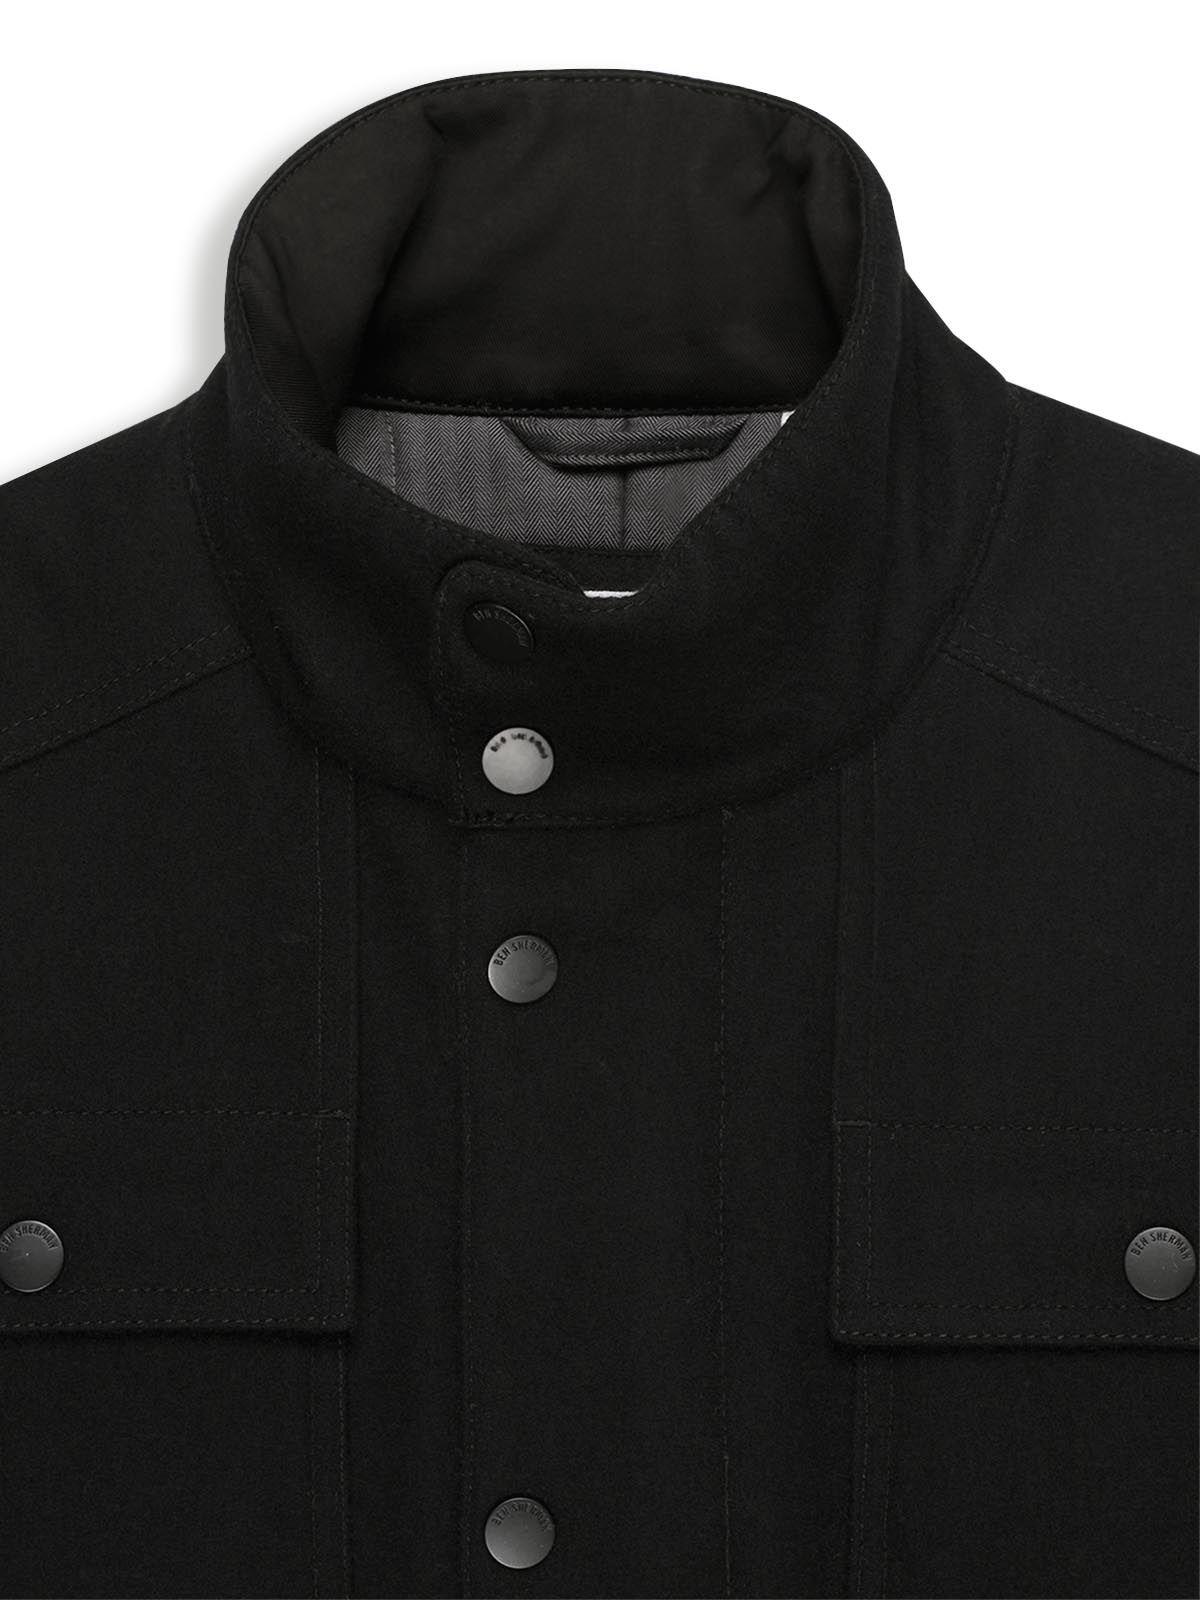 Ben Sherman Wool Melton Four Pocket Field Jacket in Black for Men